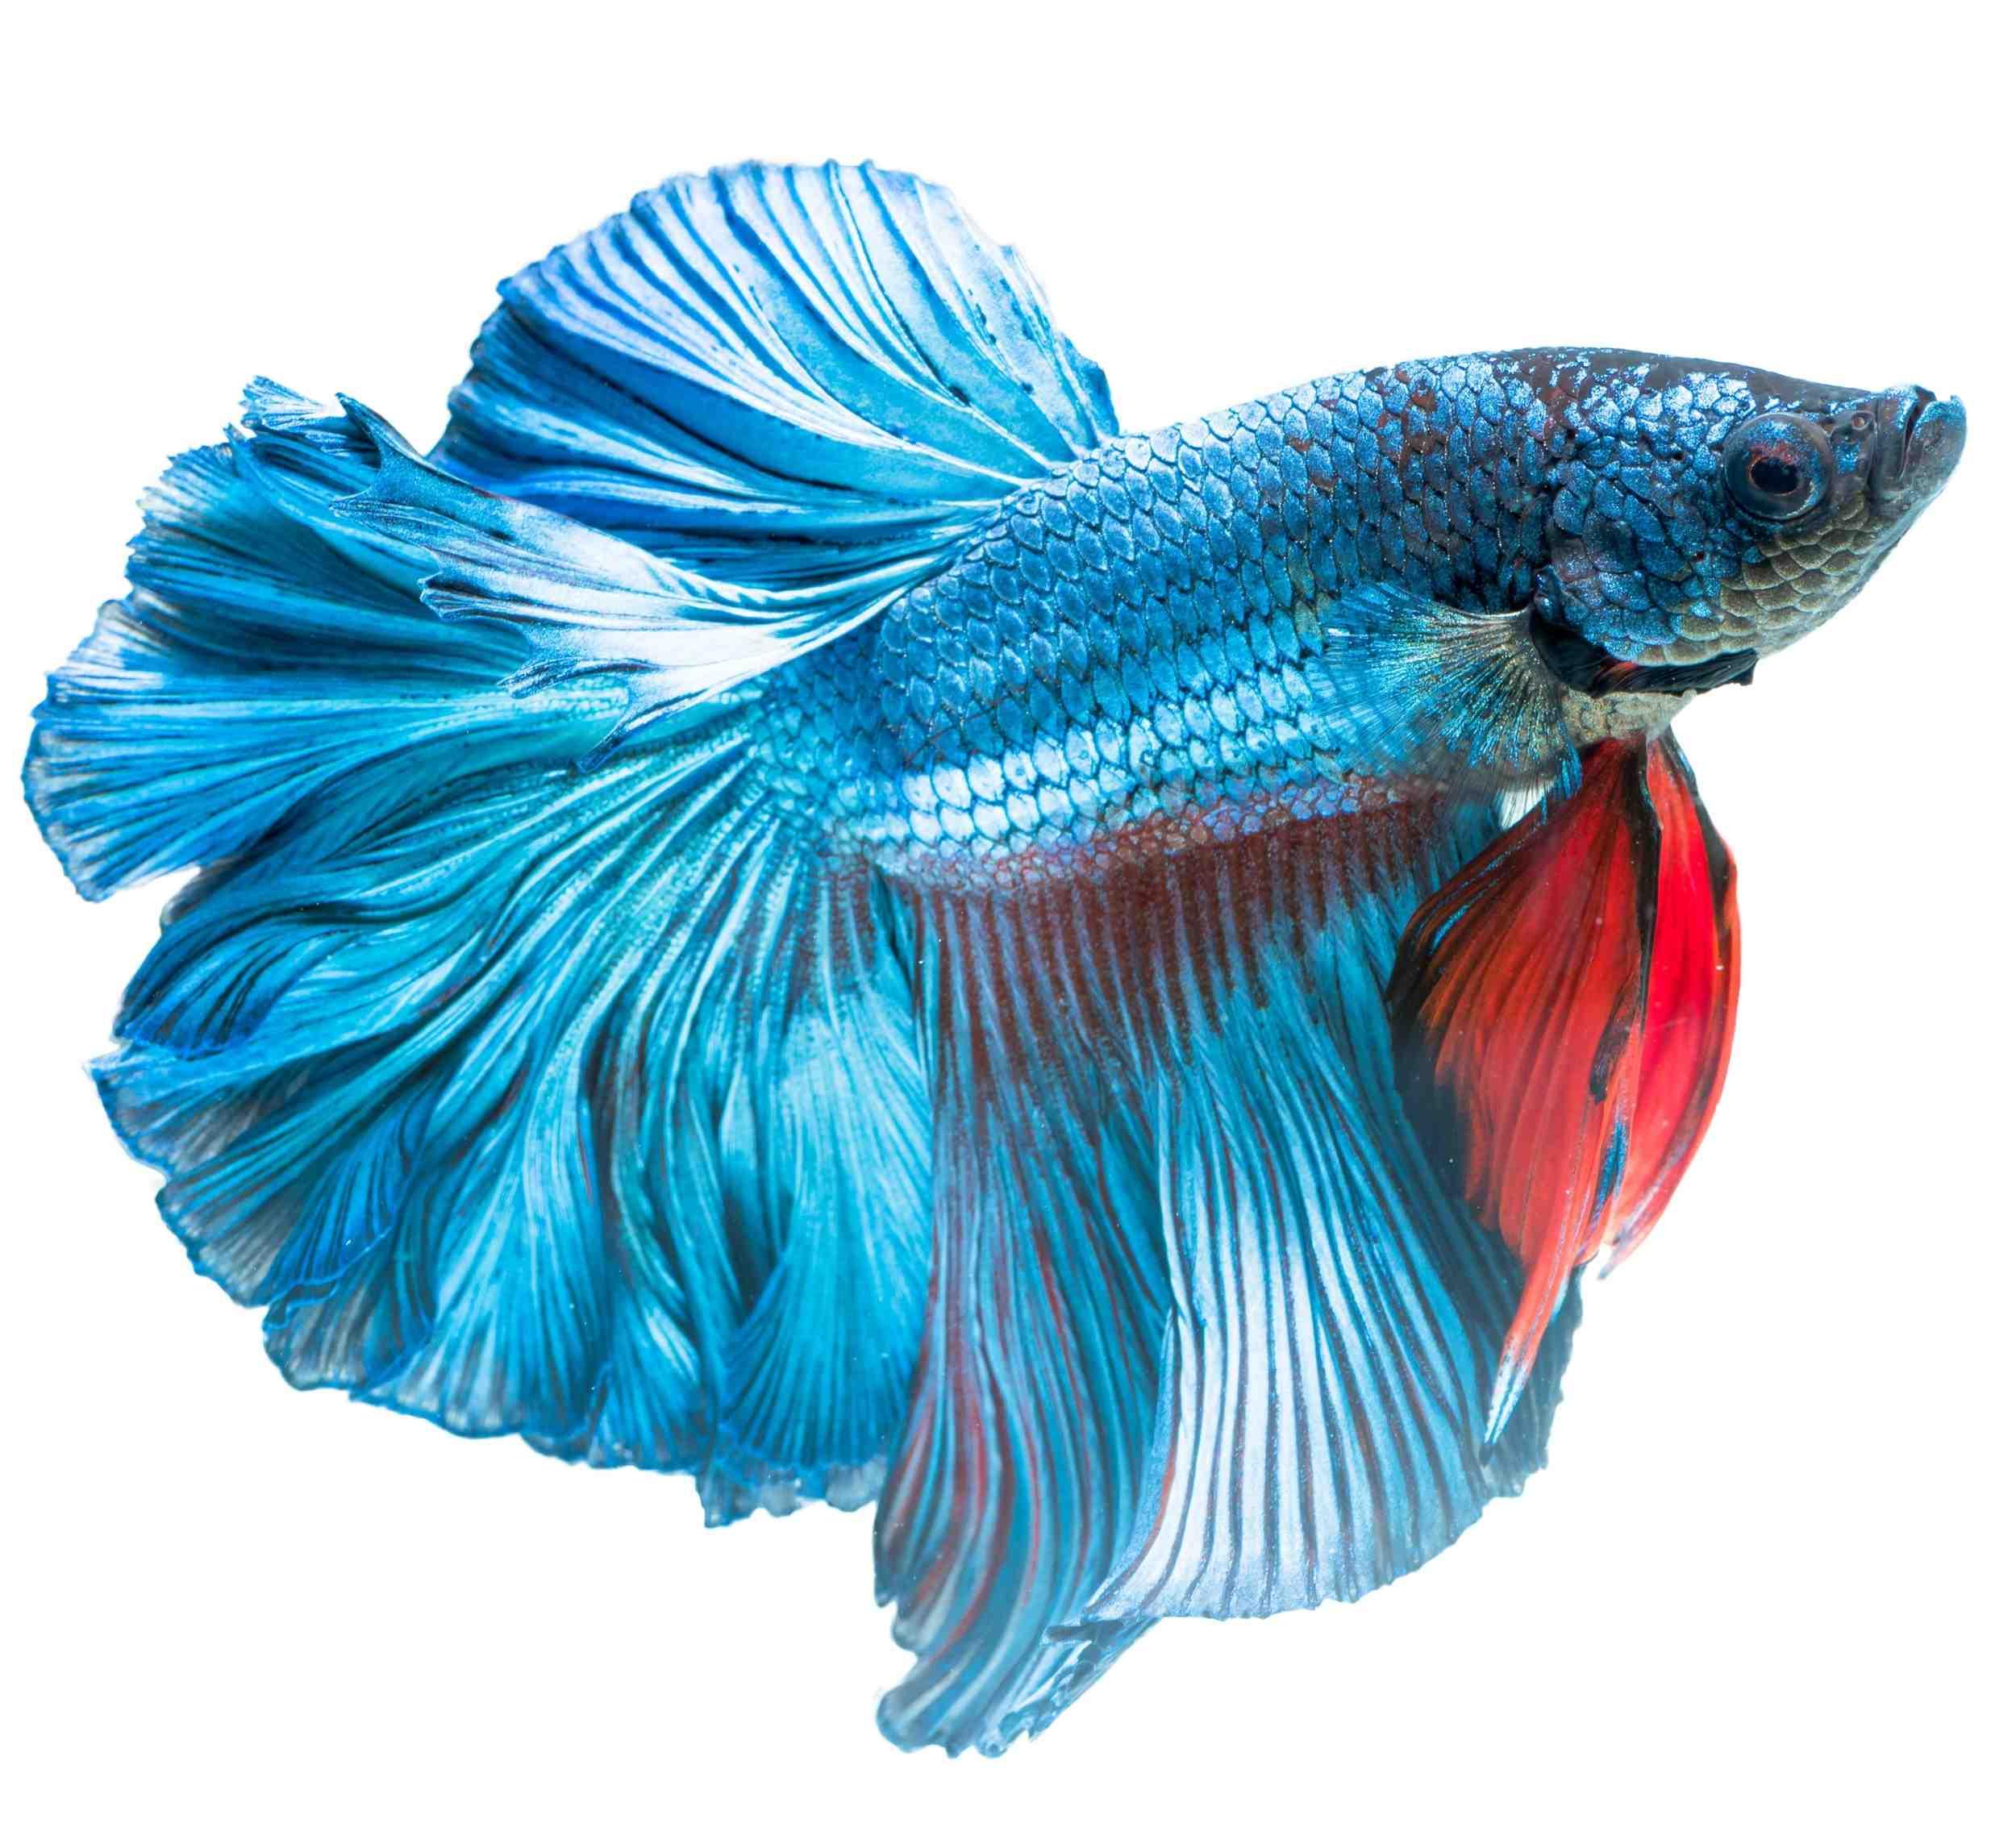 Comment choisir votre premier aquarium?